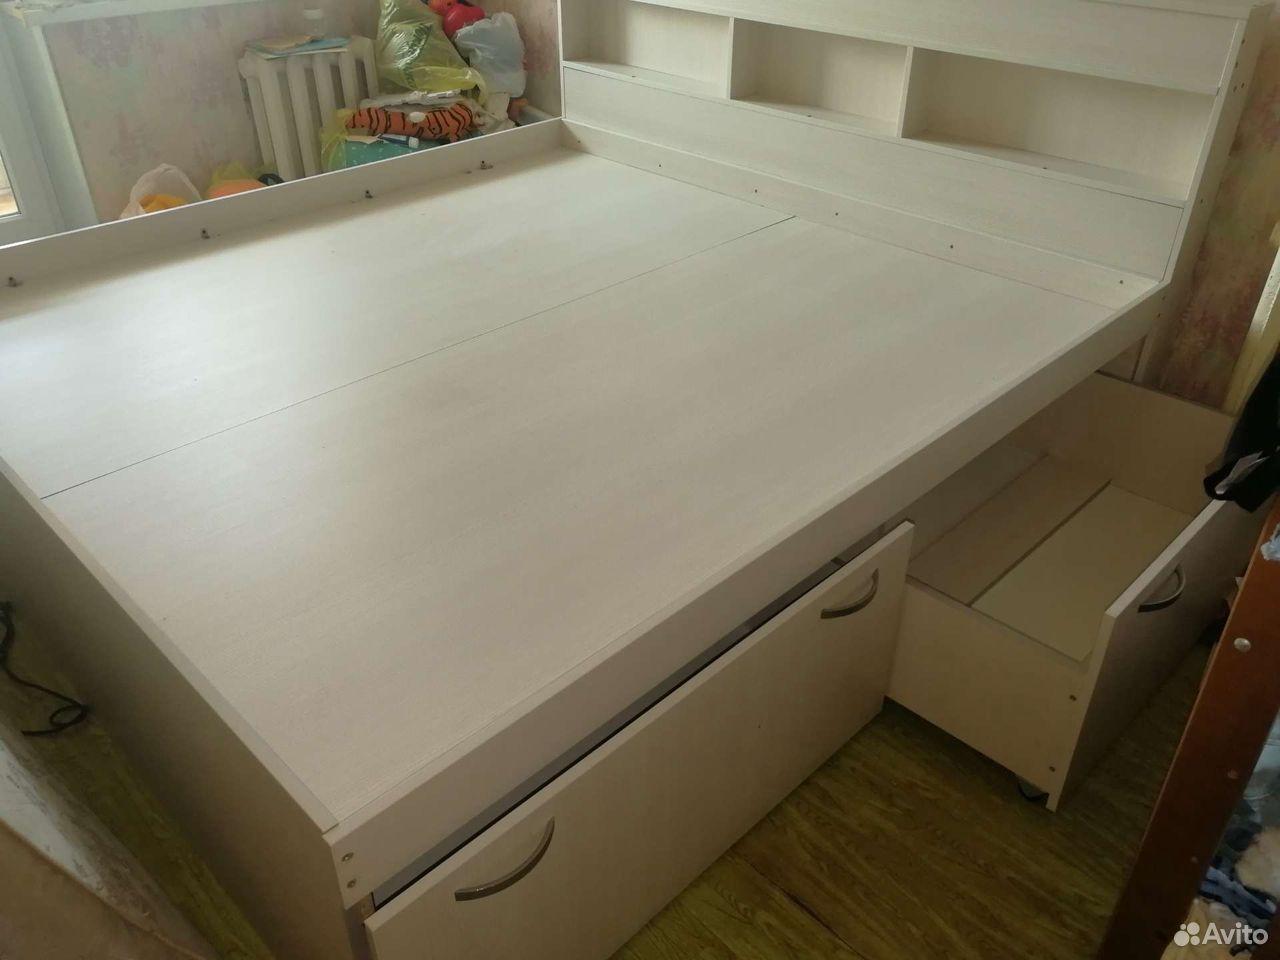 Кровать с матрасом 2,0 * 2,0 метра  89173310344 купить 1